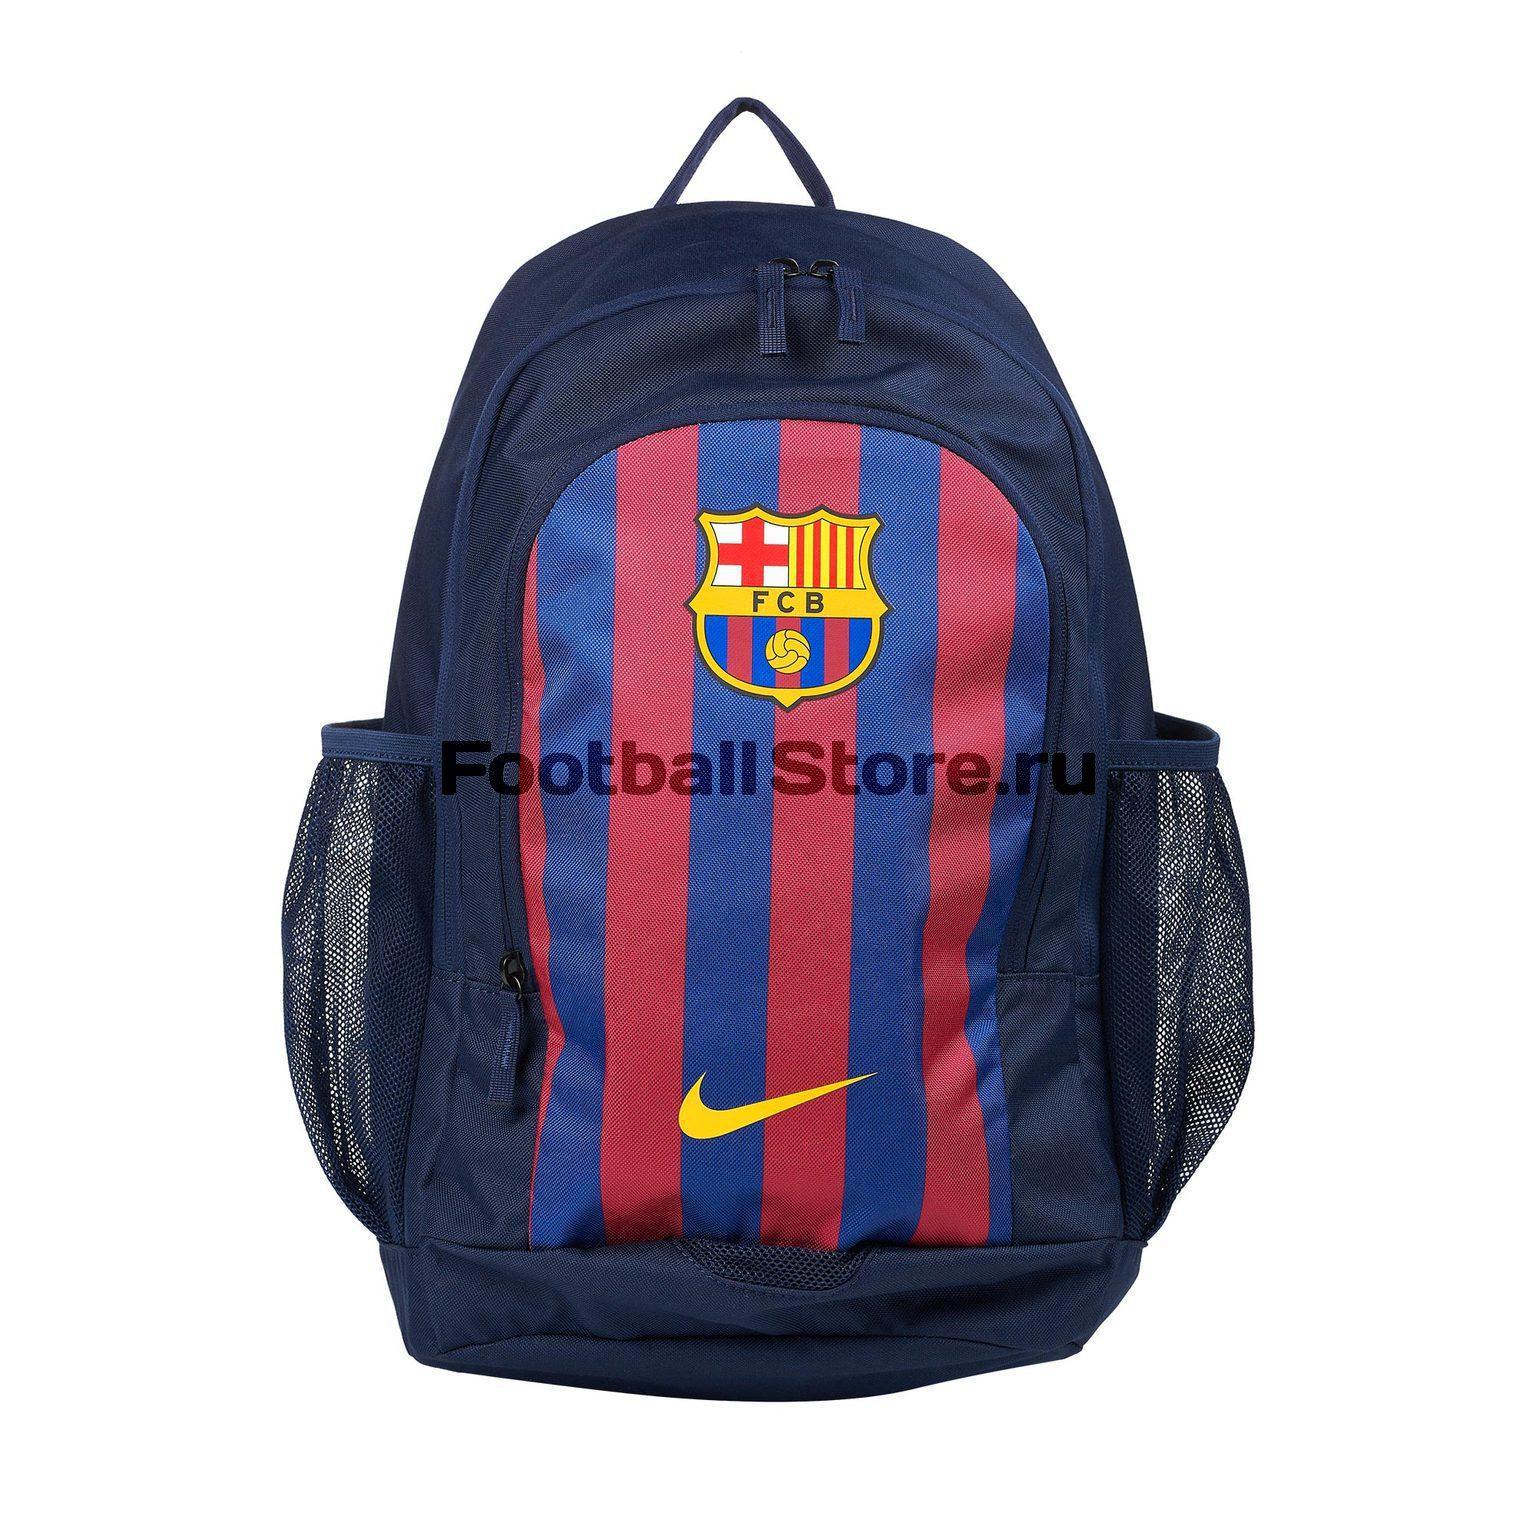 f5fe538d00ee Рюкзак Nike Stadium Barcelona BA5363-451 – купить в интернет магазине  footballstore, цена, фото